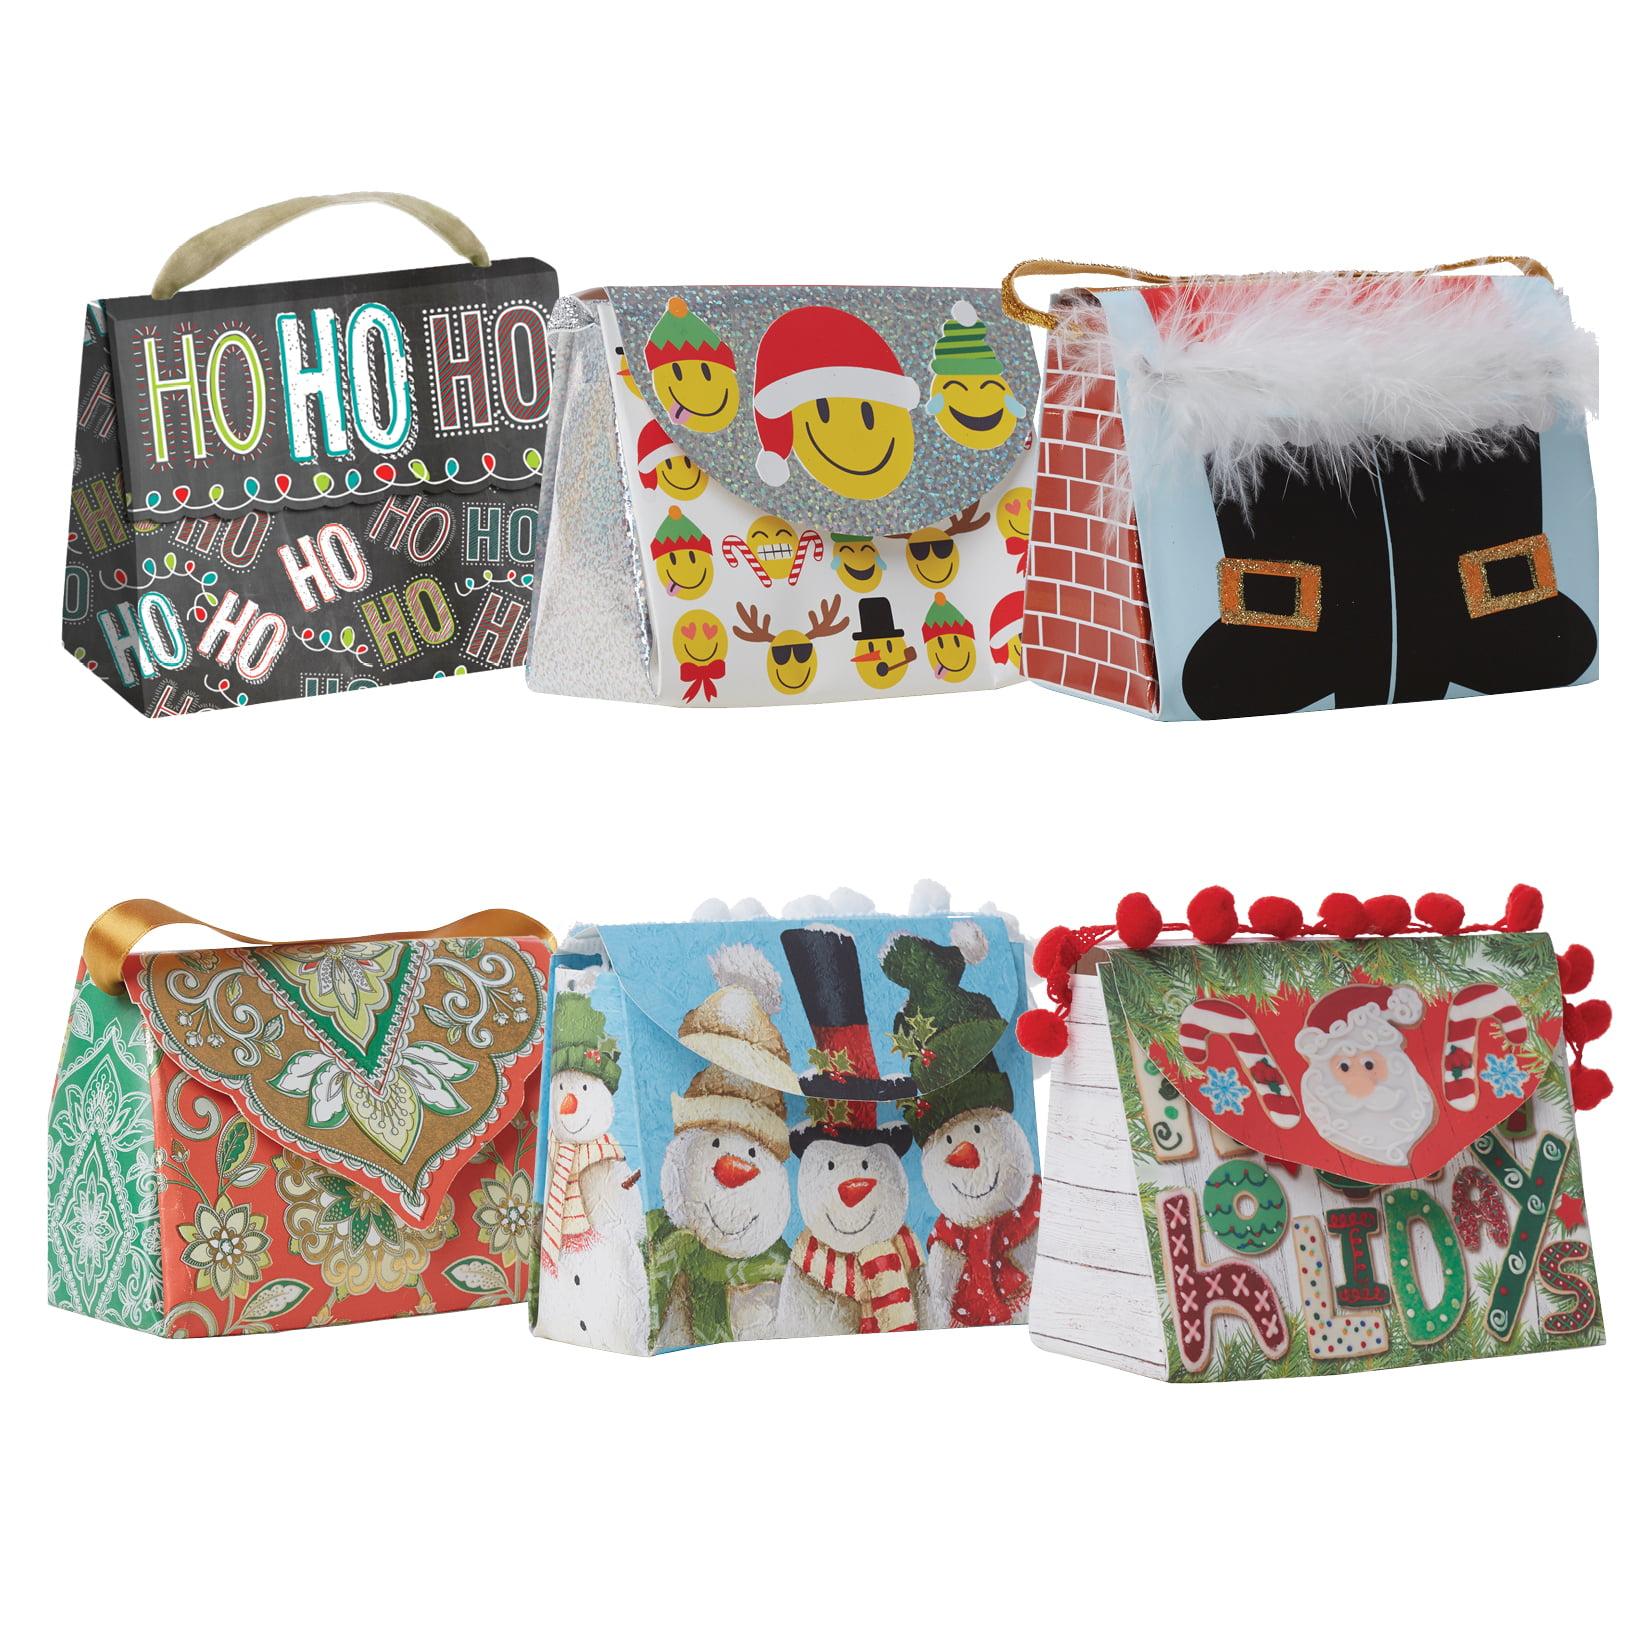 Jillson & Roberts Candy Clutch Assortment, Christmas Designs (6 Bags)